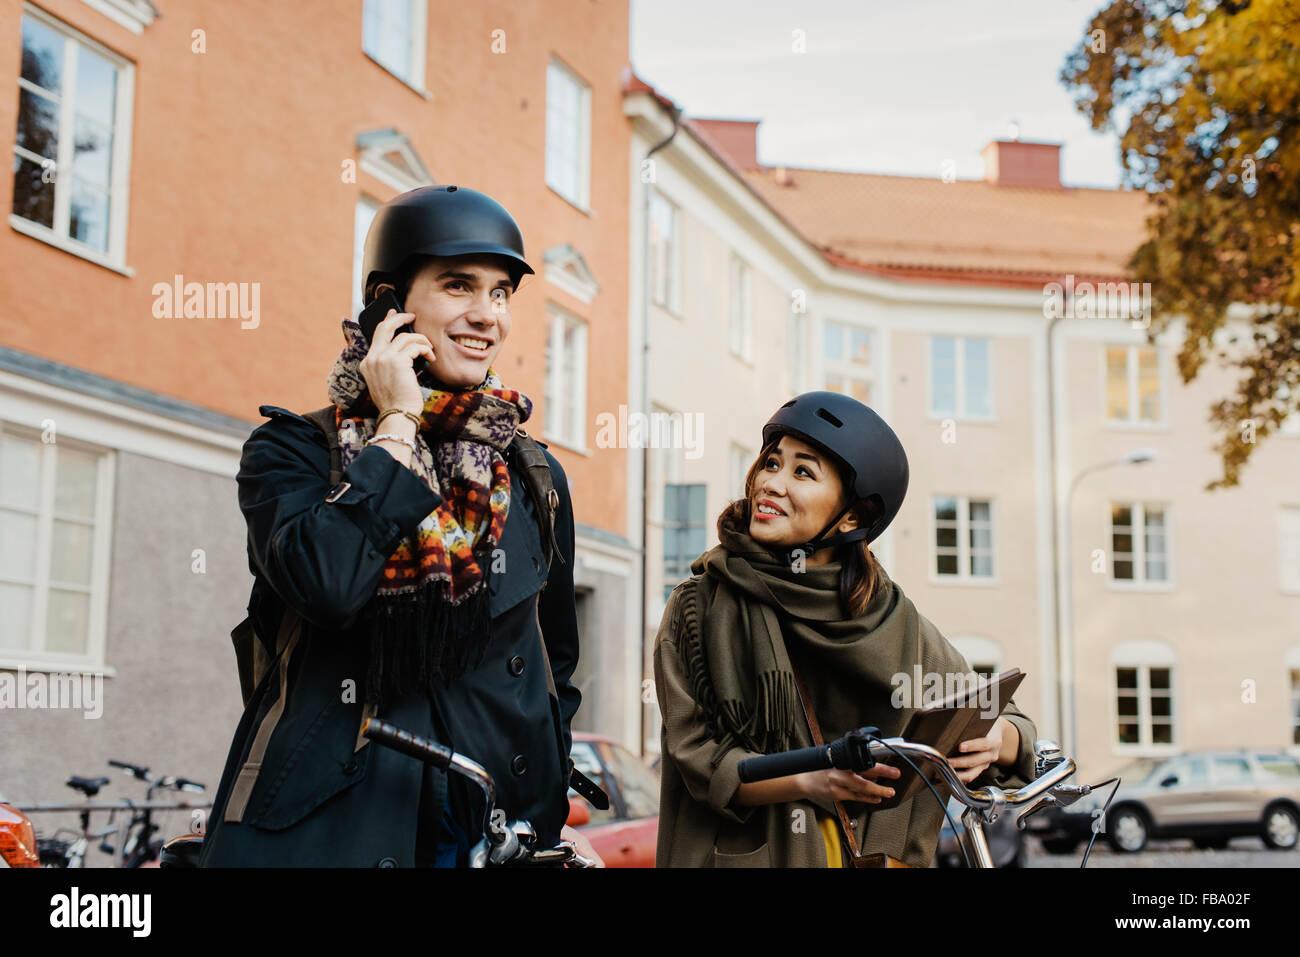 La Svezia, Uppland, Stoccolma, Vasastan, Rodabergsbrinken, due persone in piedi con le biciclette all'aperto Immagini Stock